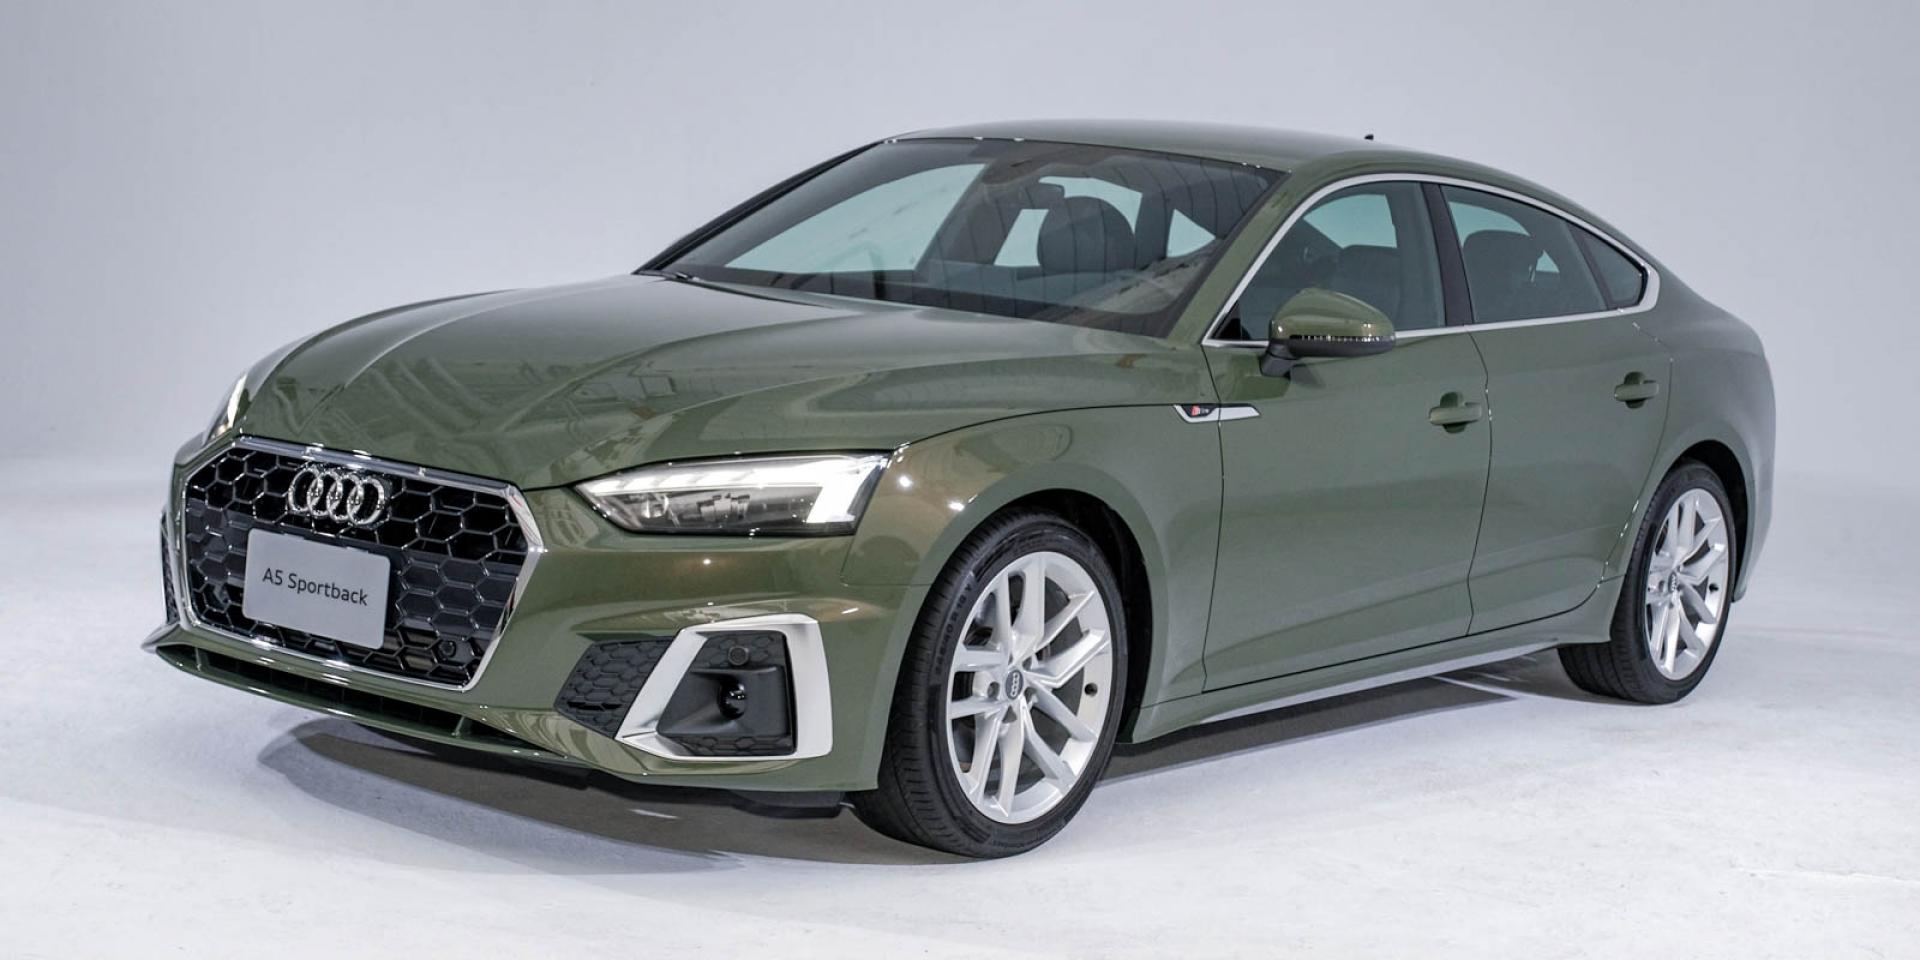 斜背轎跑現身!Audi A5 Sportback 內外小改款亮相